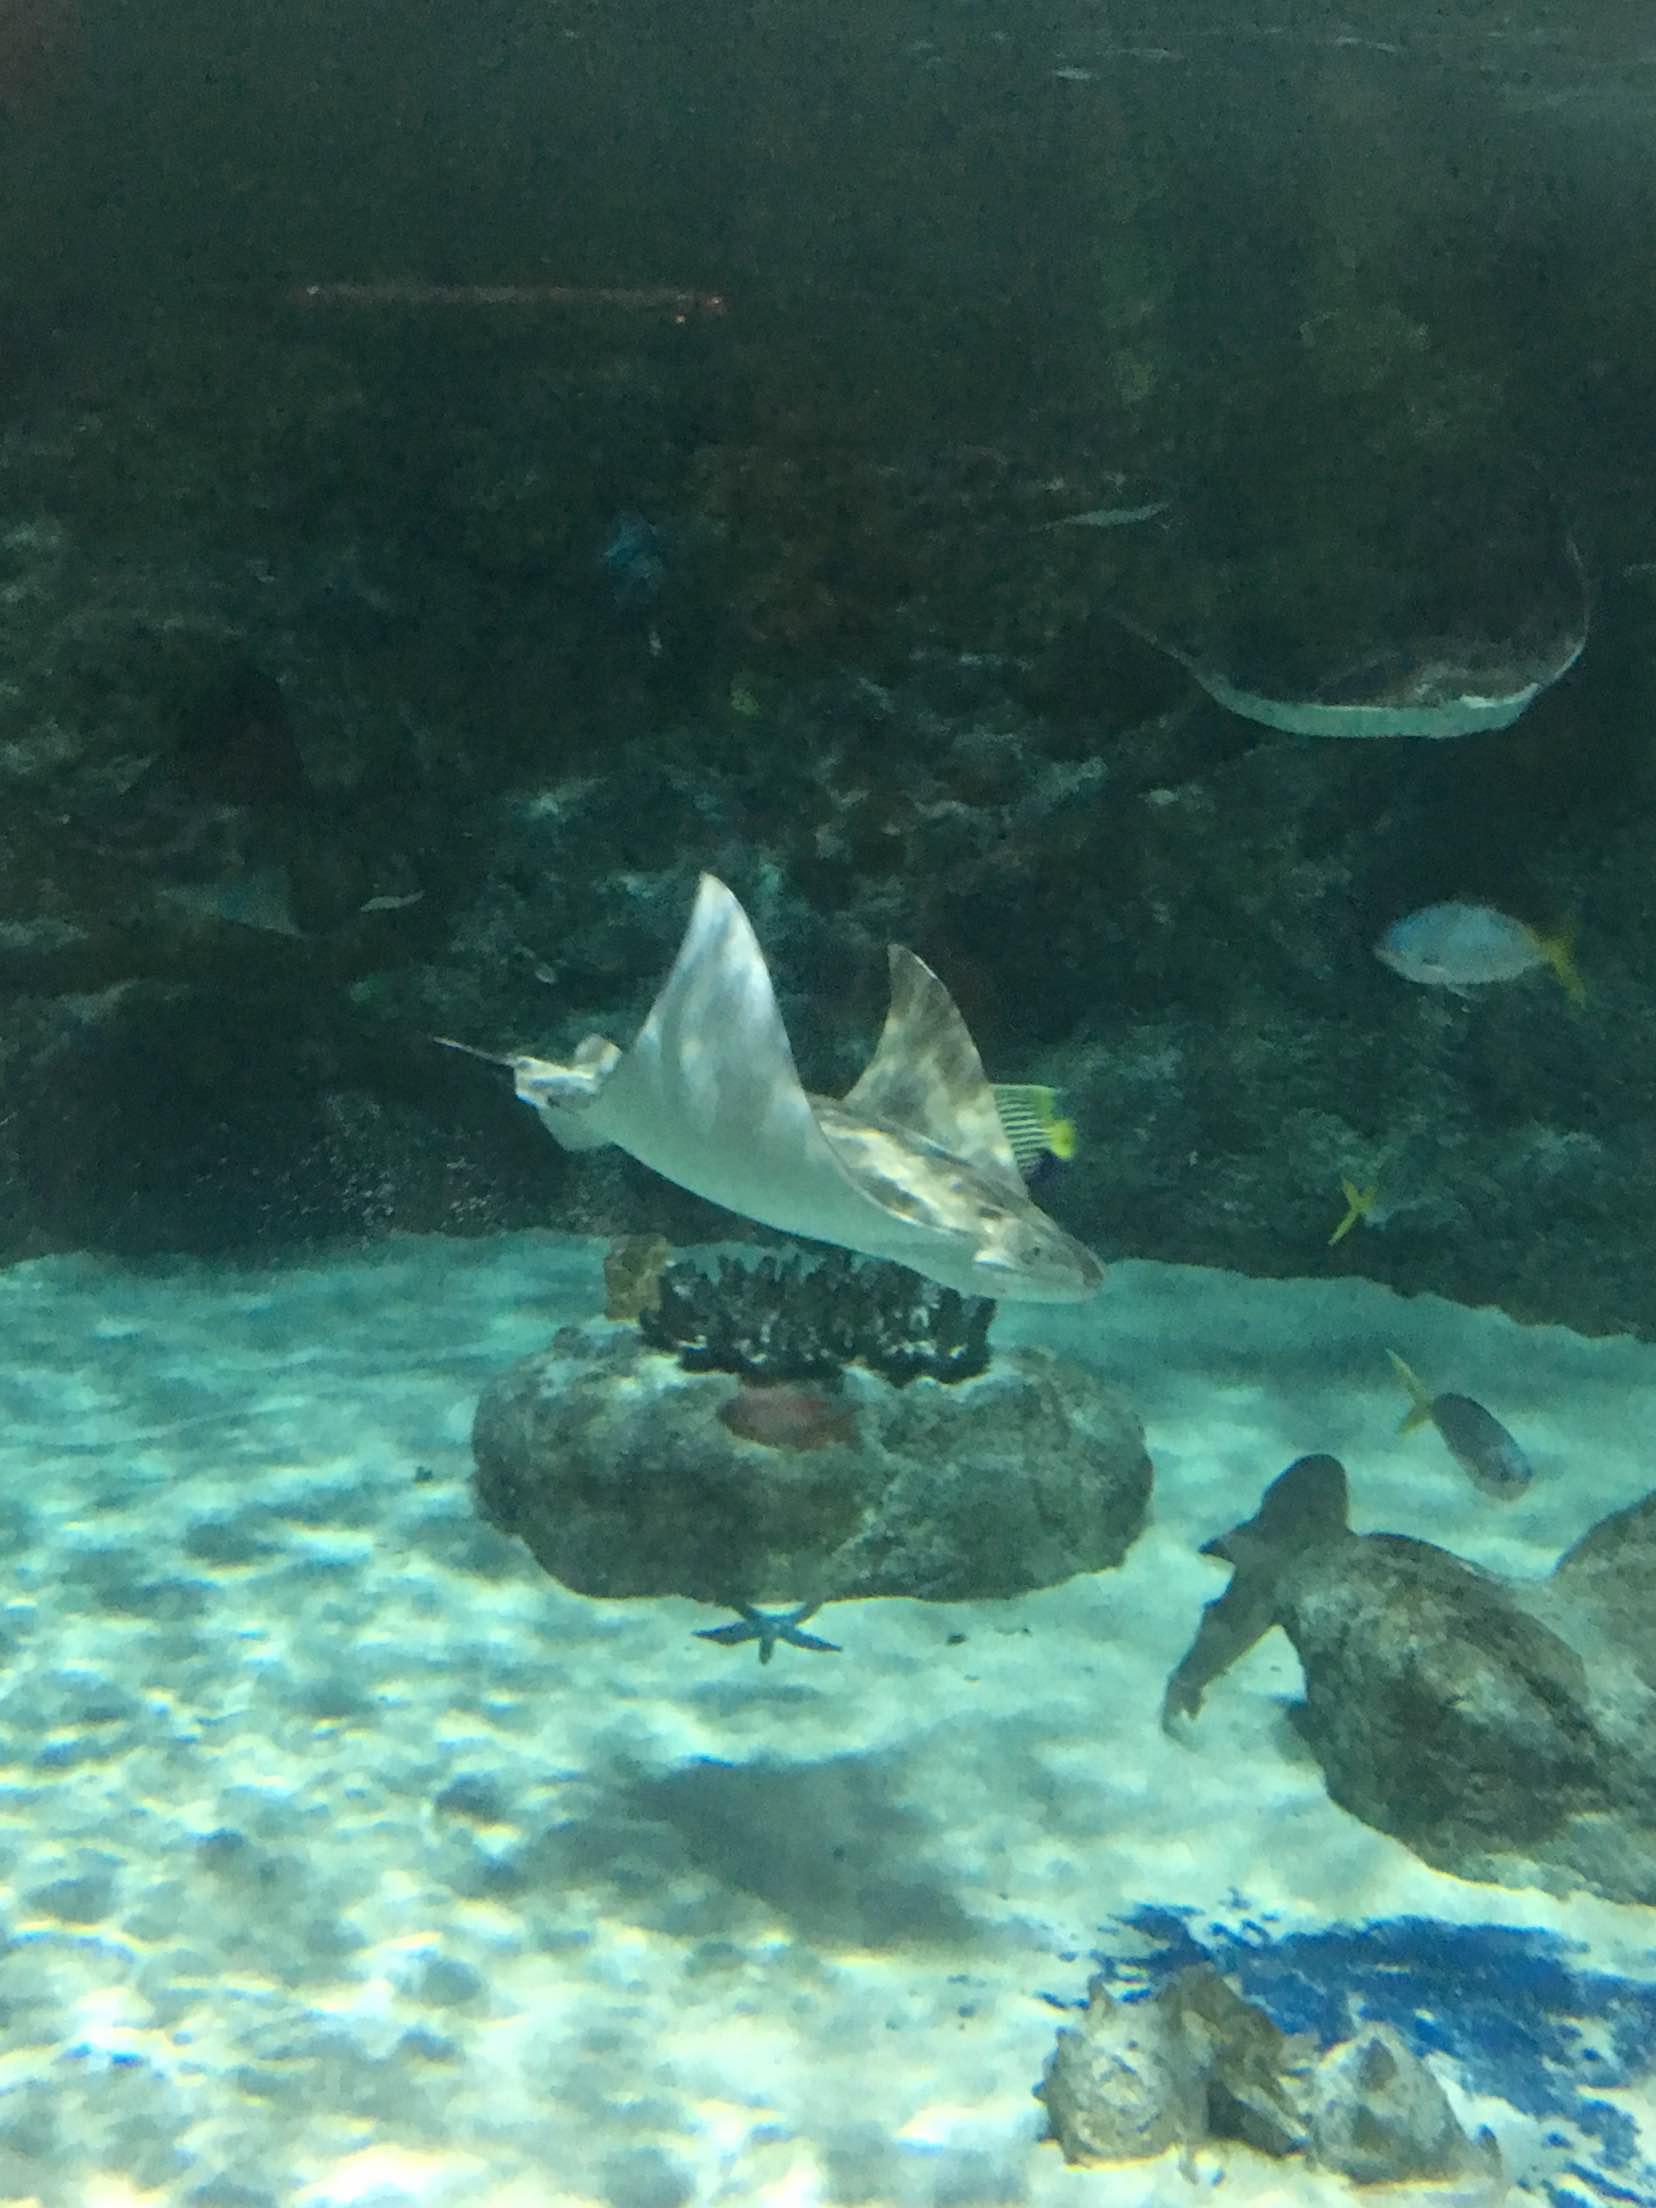 壁纸 海底 海底世界 海洋馆 水族馆 桌面 1656_2208 竖版 竖屏 手机